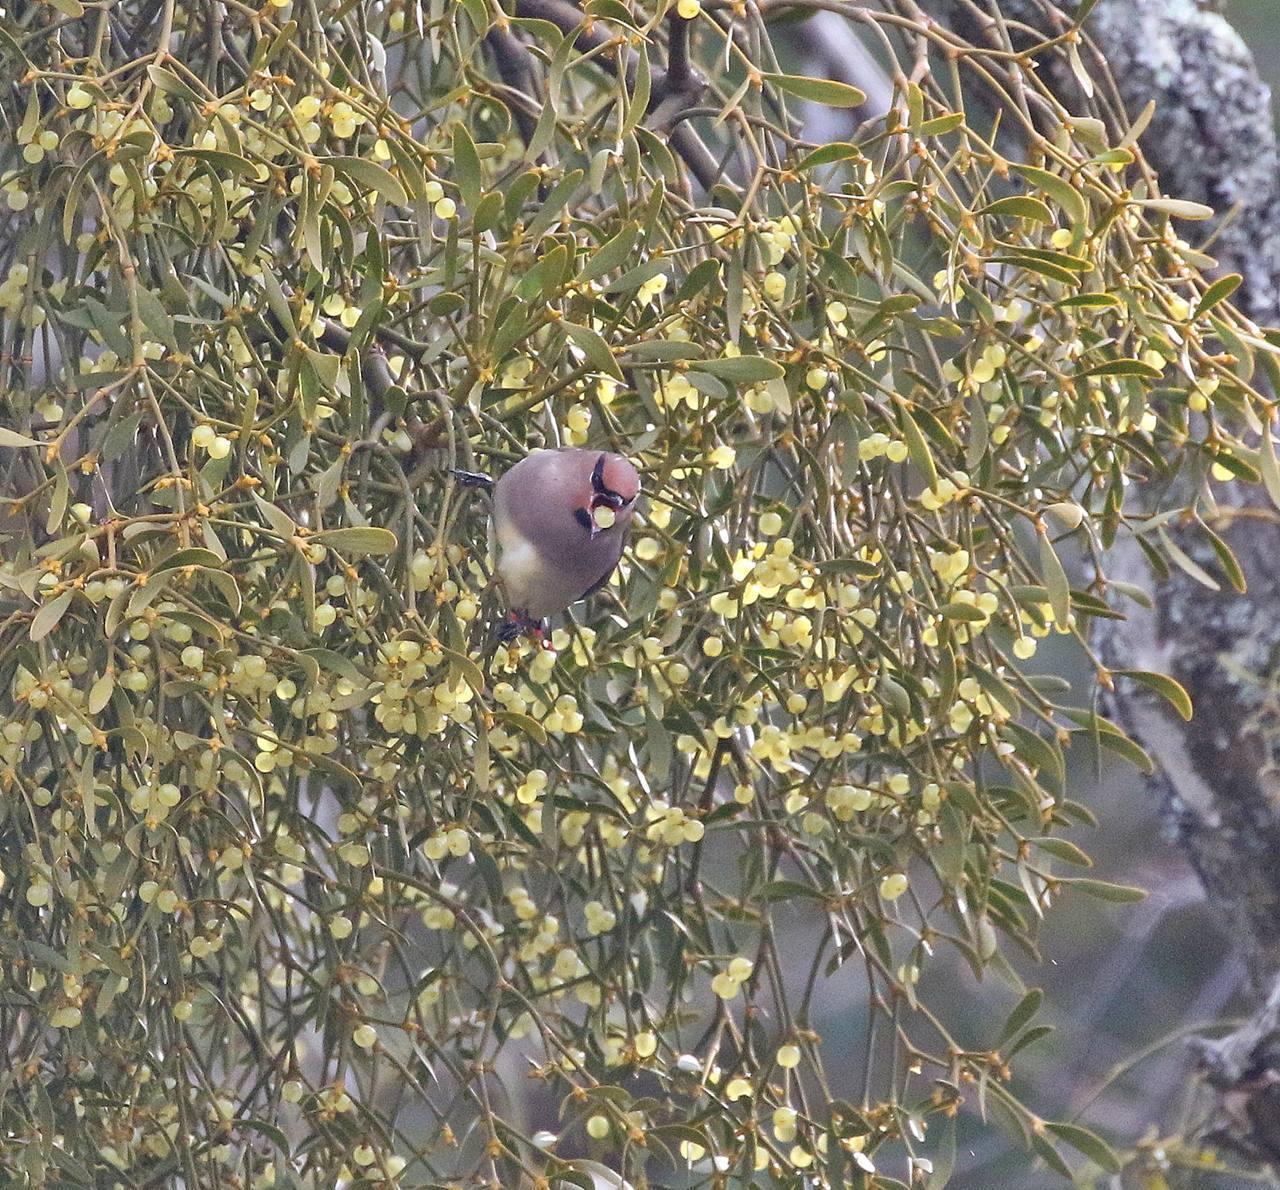 宿り木にレンジャクがやって来た_c0213607_22293255.jpg